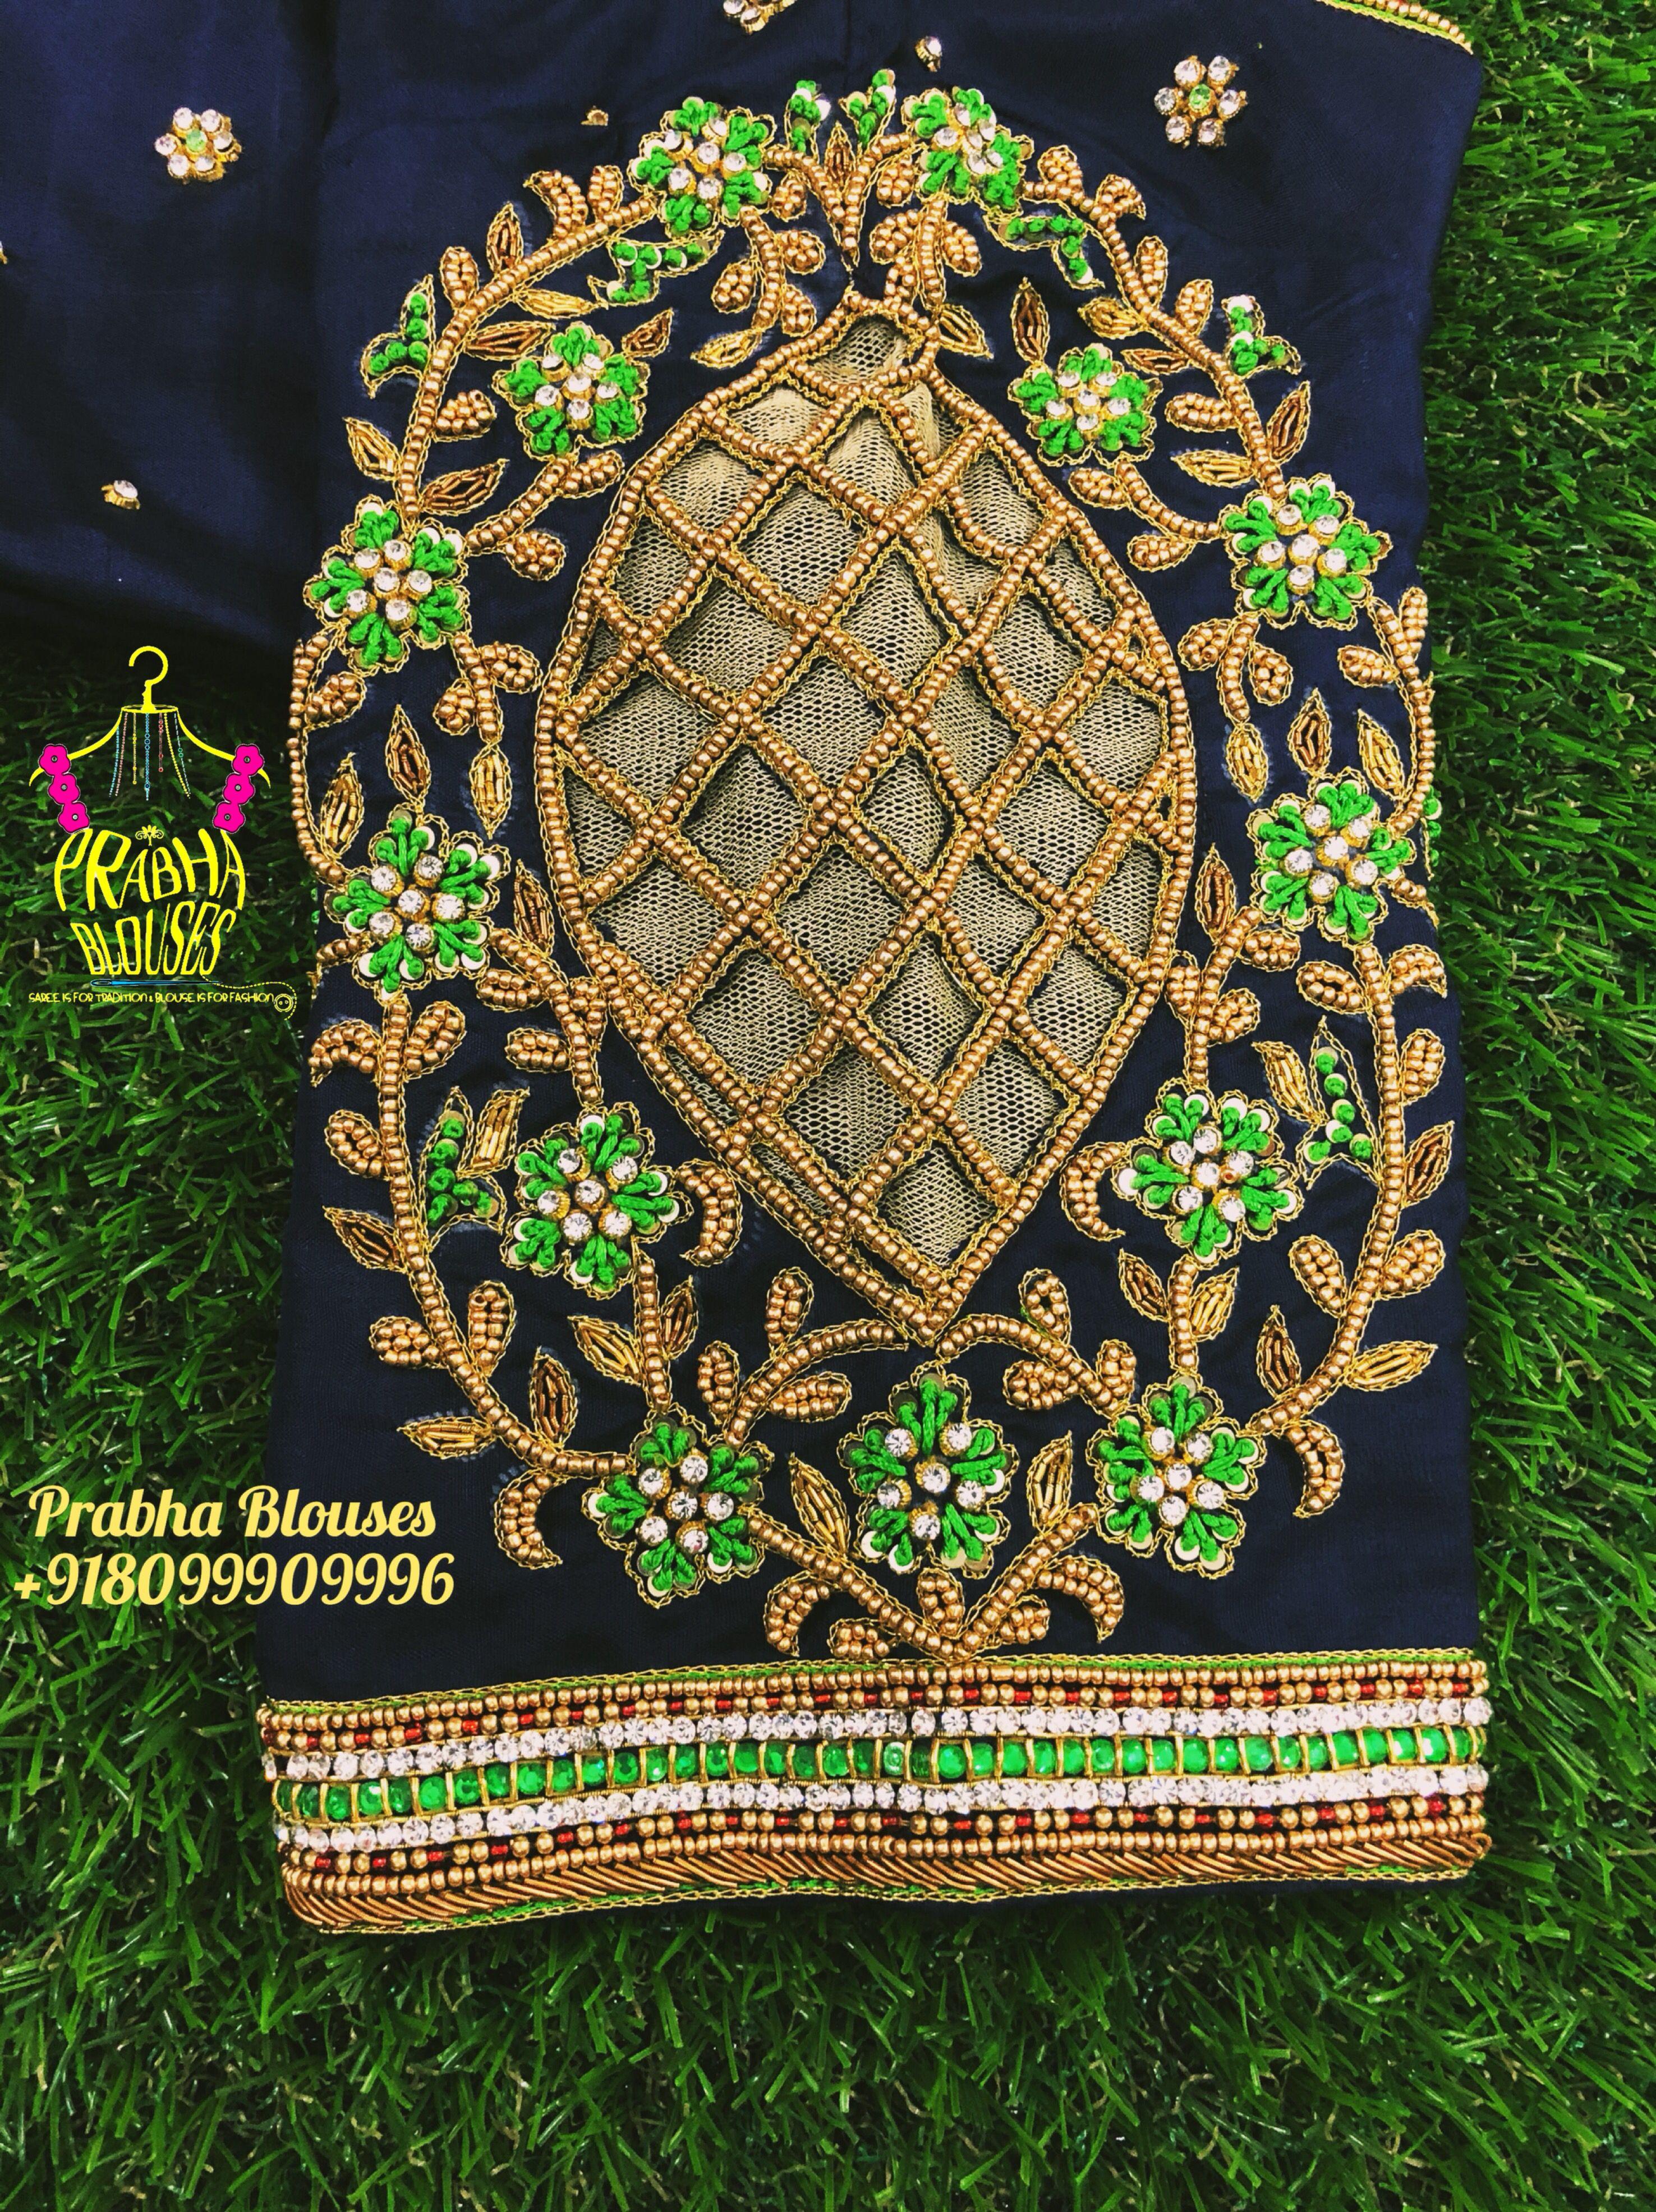 Saree blouse design cutting pin by prabha blouses on prabha blouses  pinterest  blouse designs